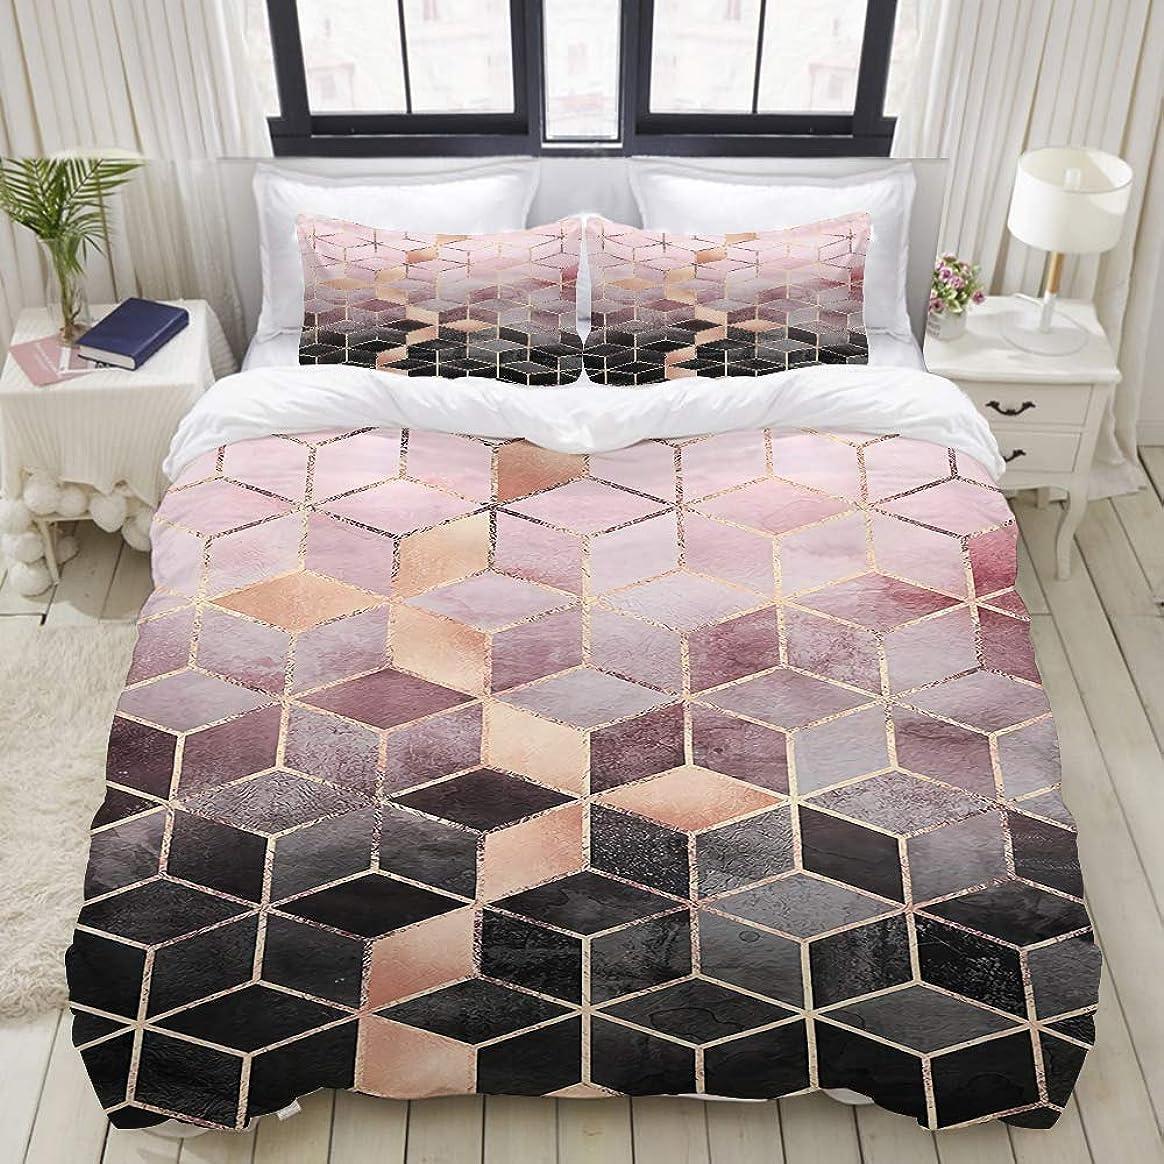 成果みがきます発表するLUBATAGA 布団カバー シングル 4 点セット,抽象的な白黒の幾何学模様, ベッド用 掛け布団 + 枕 カバー 洋式 和式兼用 ダブル